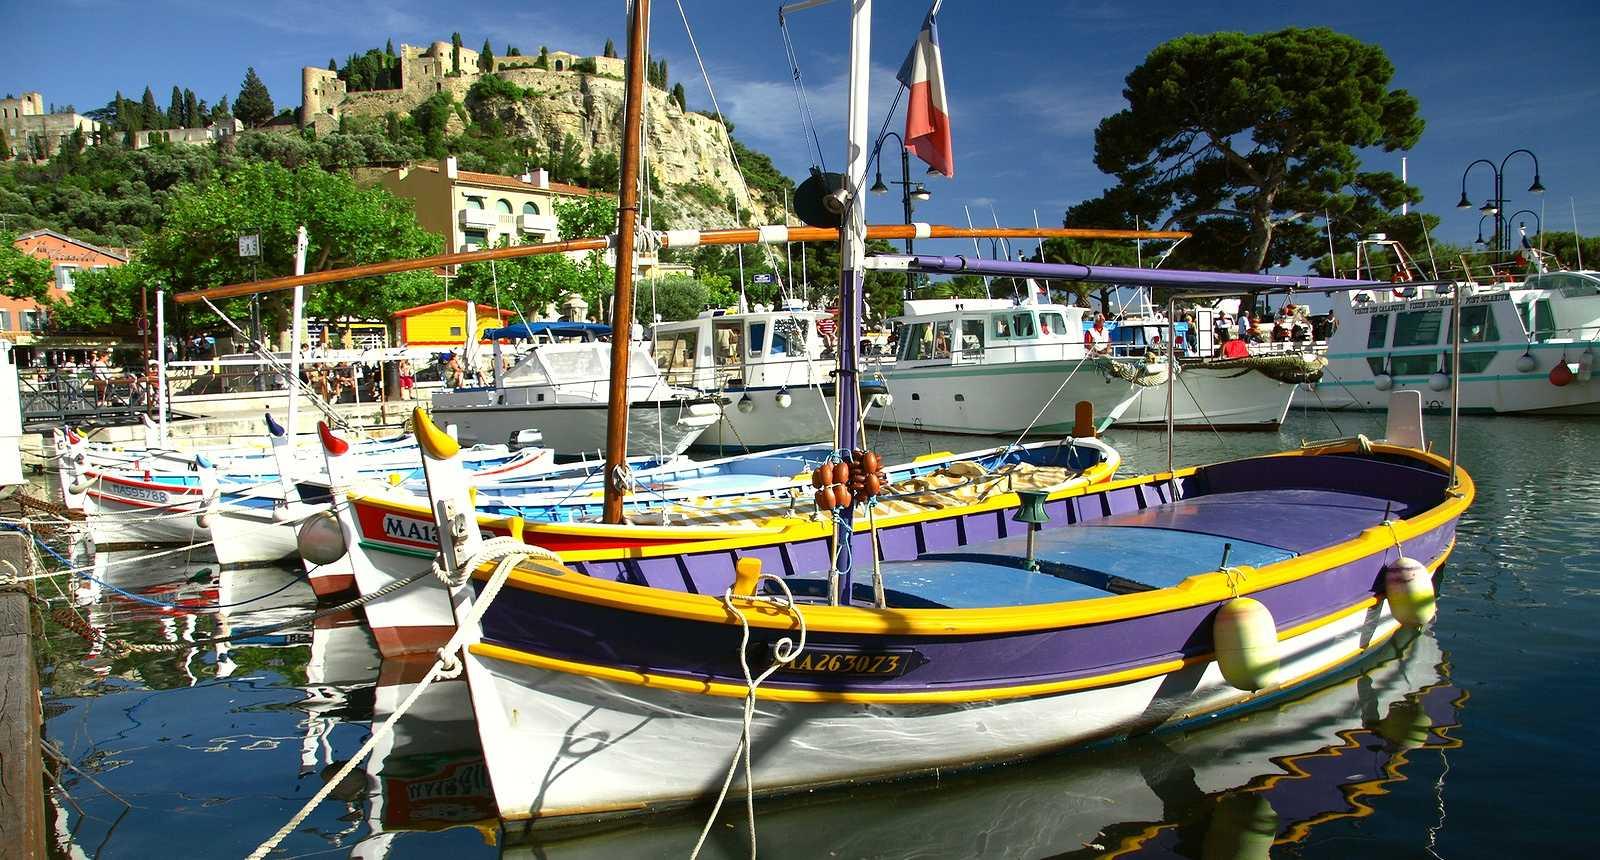 Barques dans le Port de Cassis